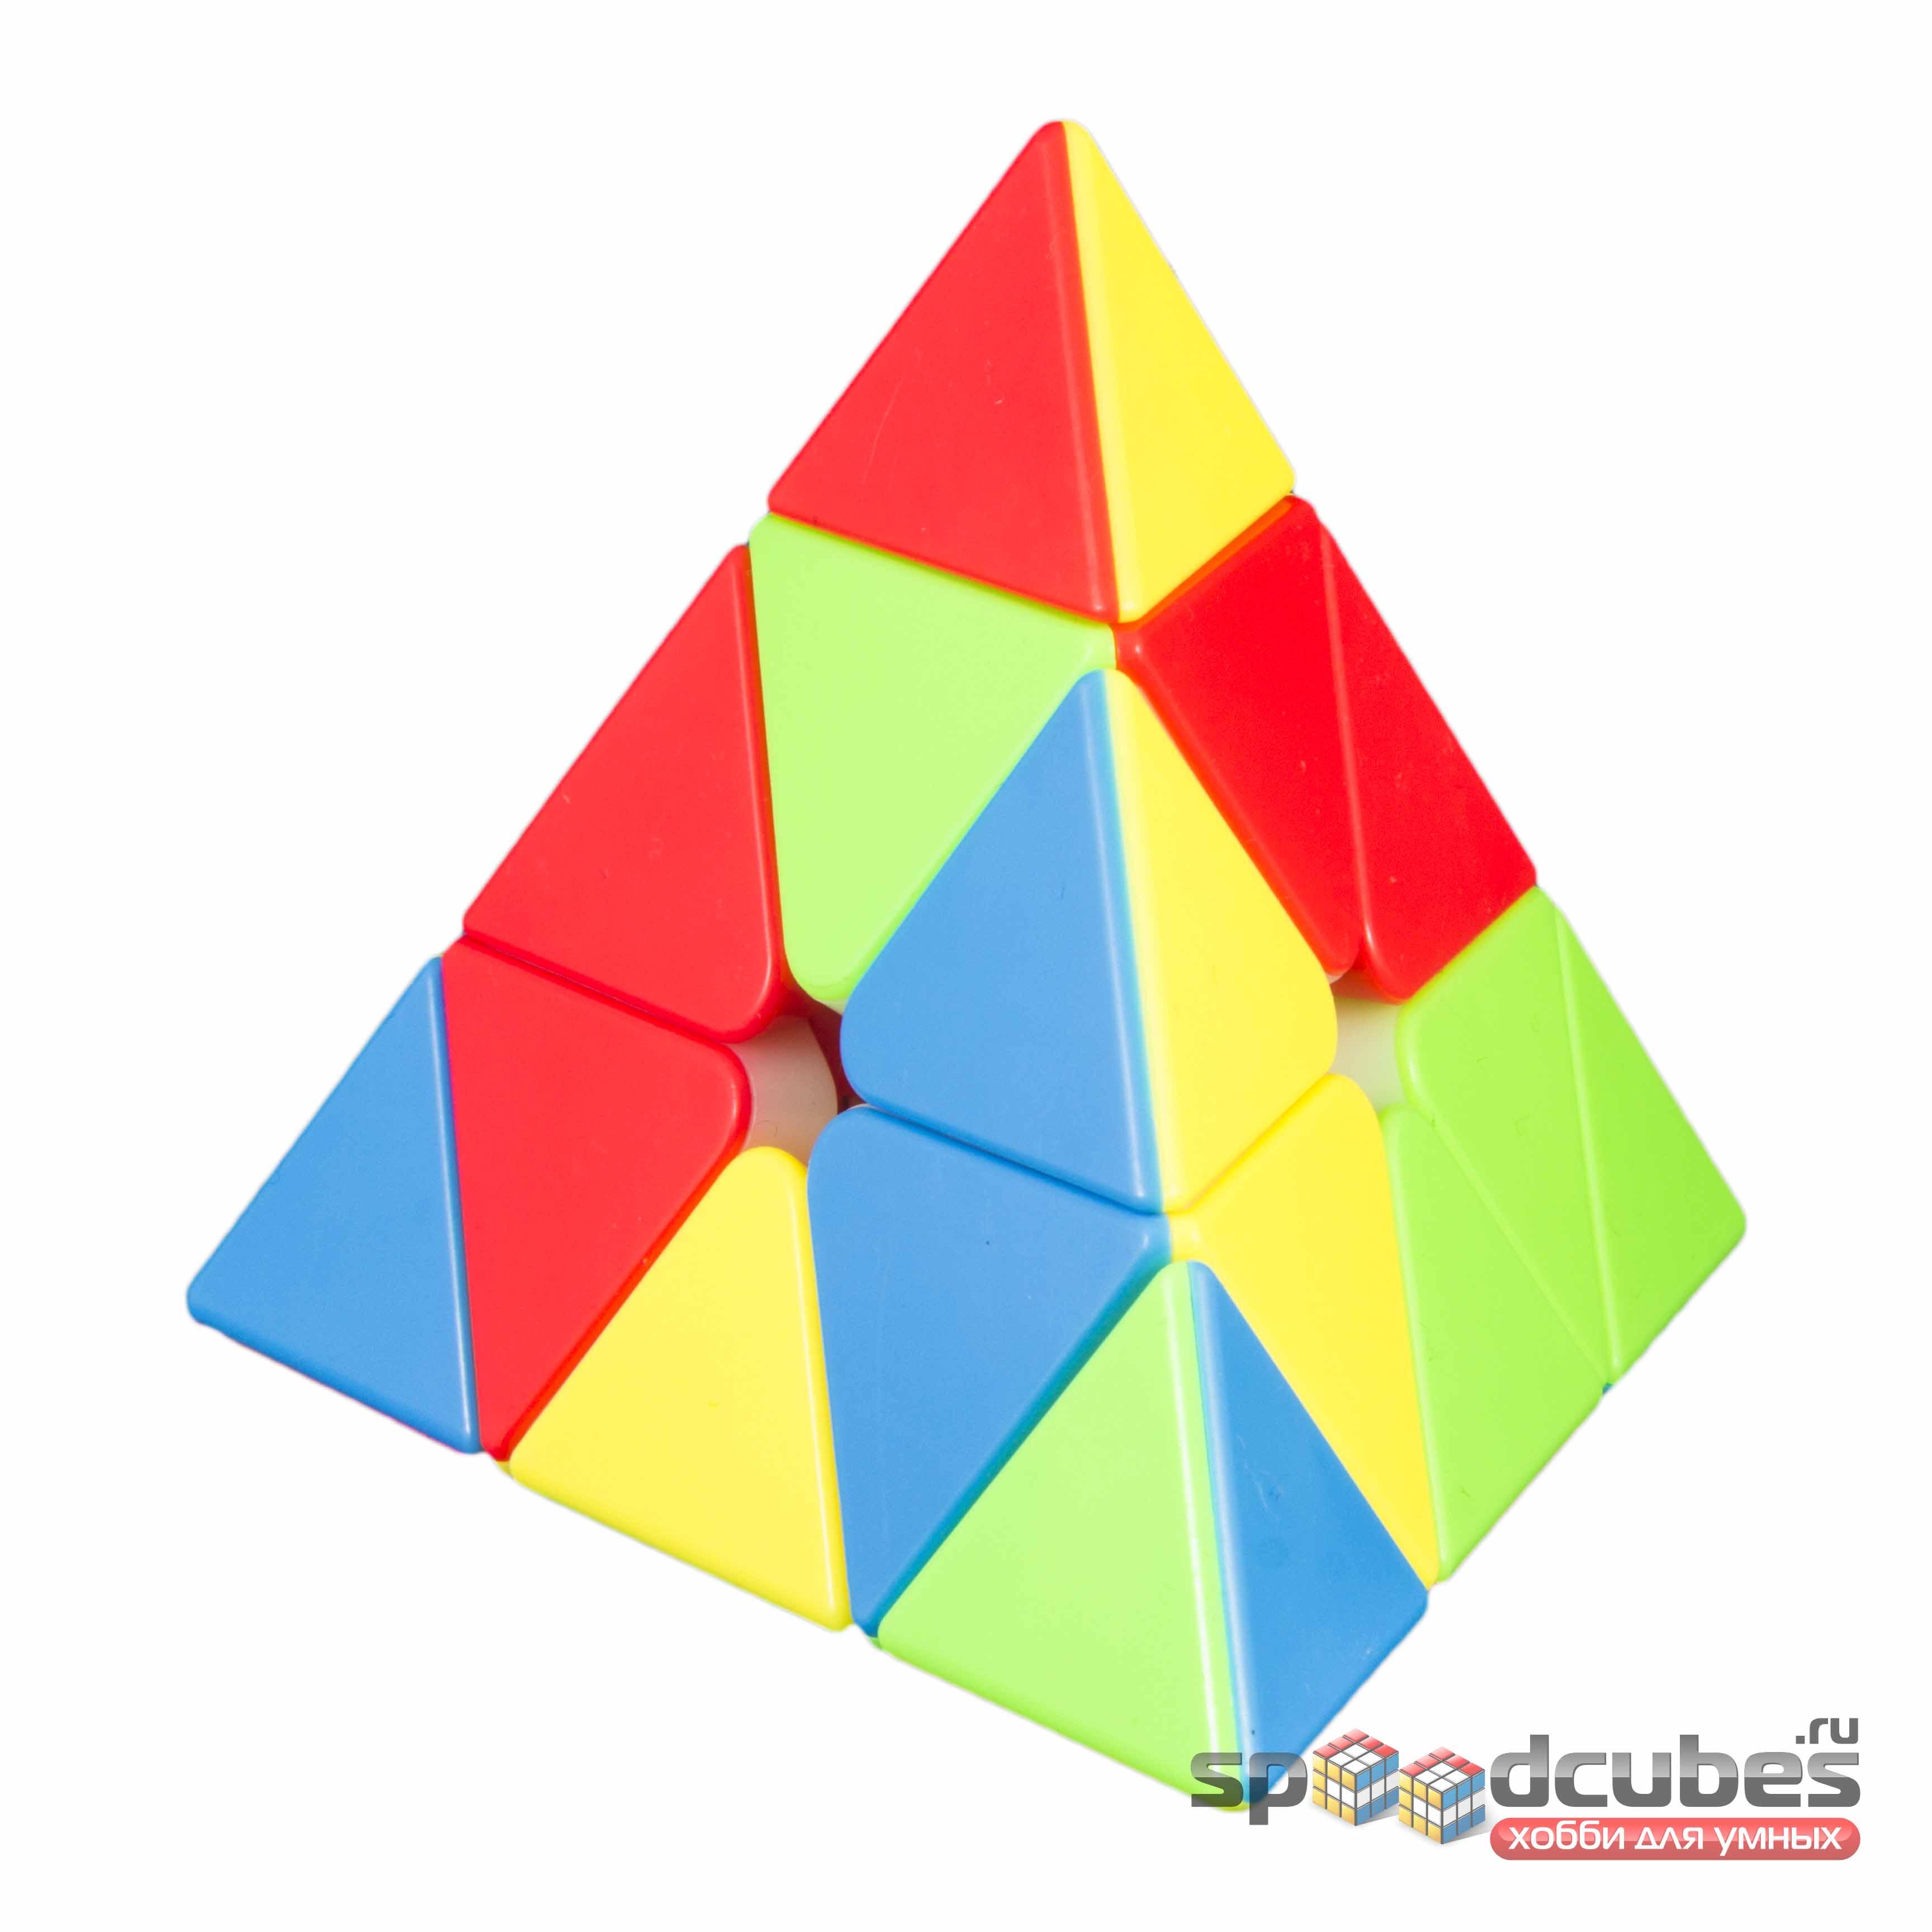 Набор MoYu Cubing Classroom WCA Set 4